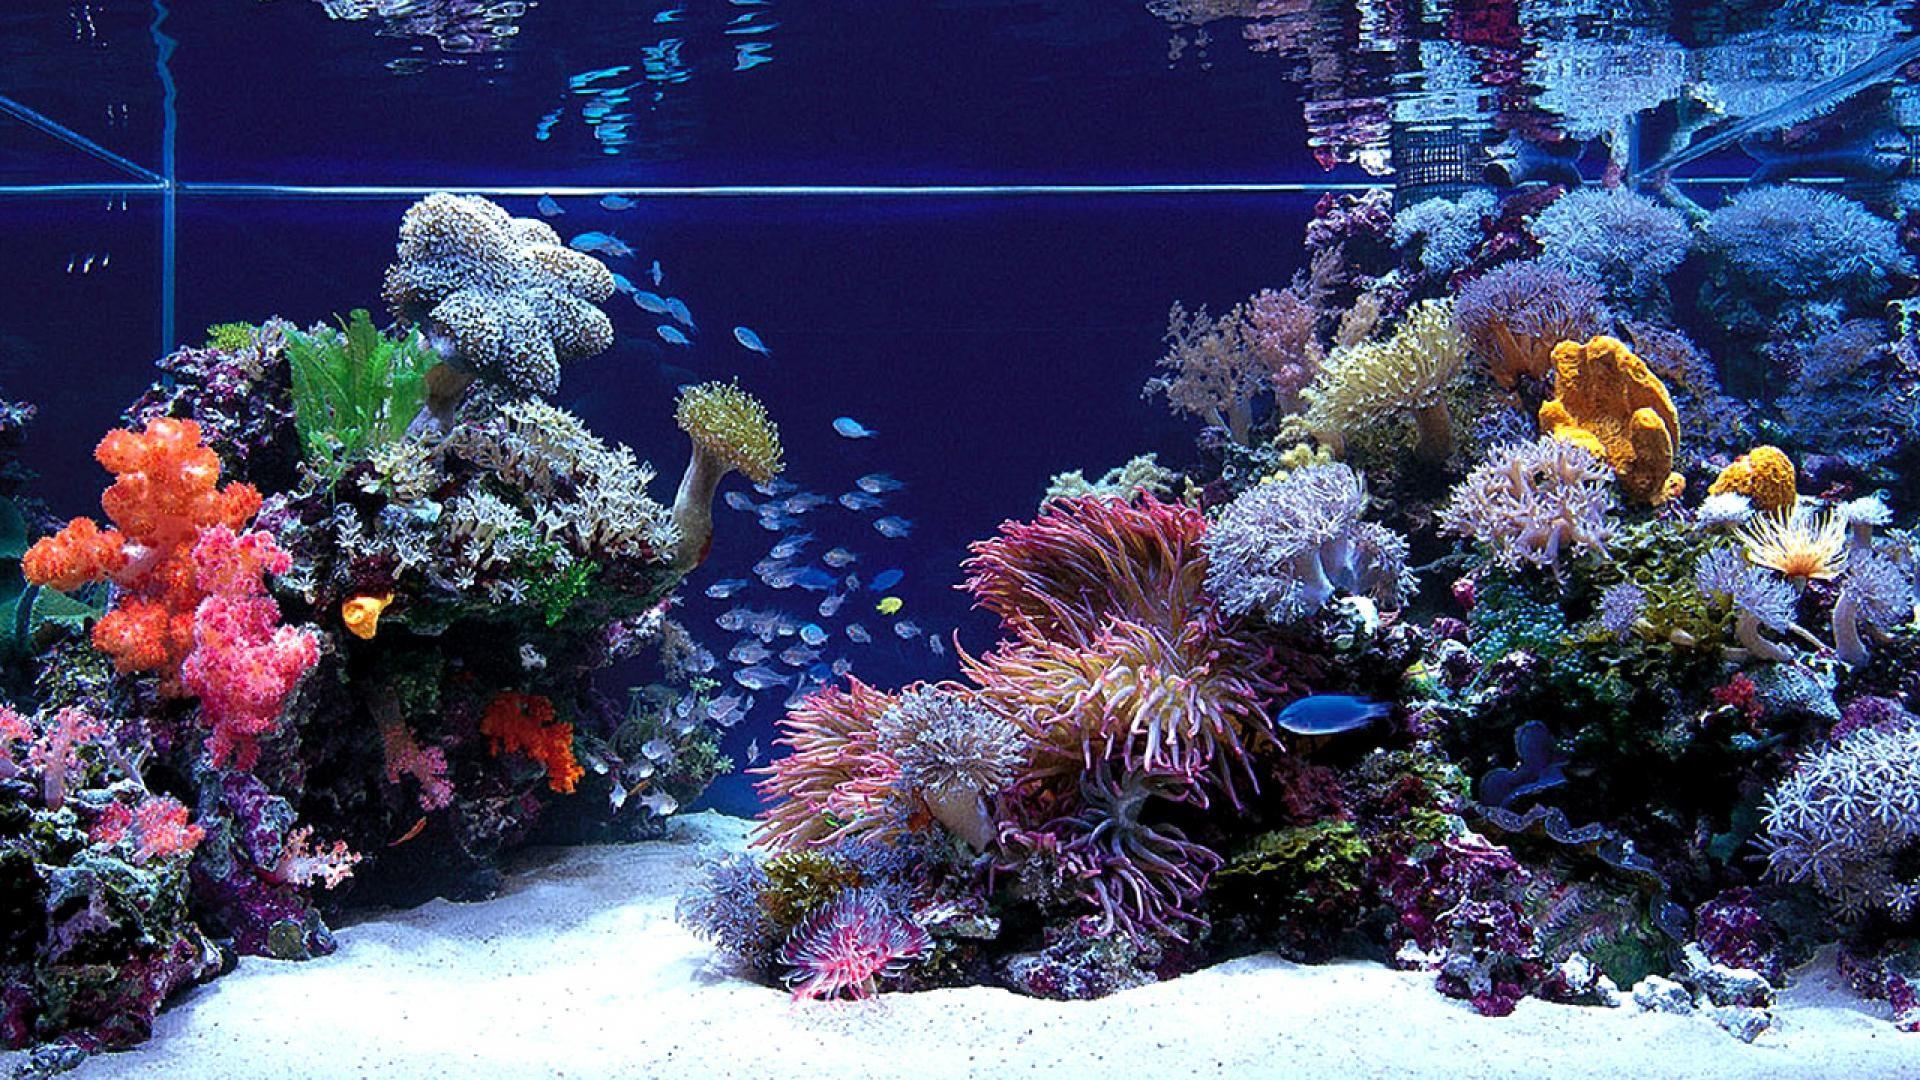 Fish Jumping Out Of Aquarium Hd Desktop Wallpaper Widescreen 1920 1080 Aquarium Wallpapers 38 Wallpa Saltwater Fish Tanks Saltwater Aquarium Marine Aquarium